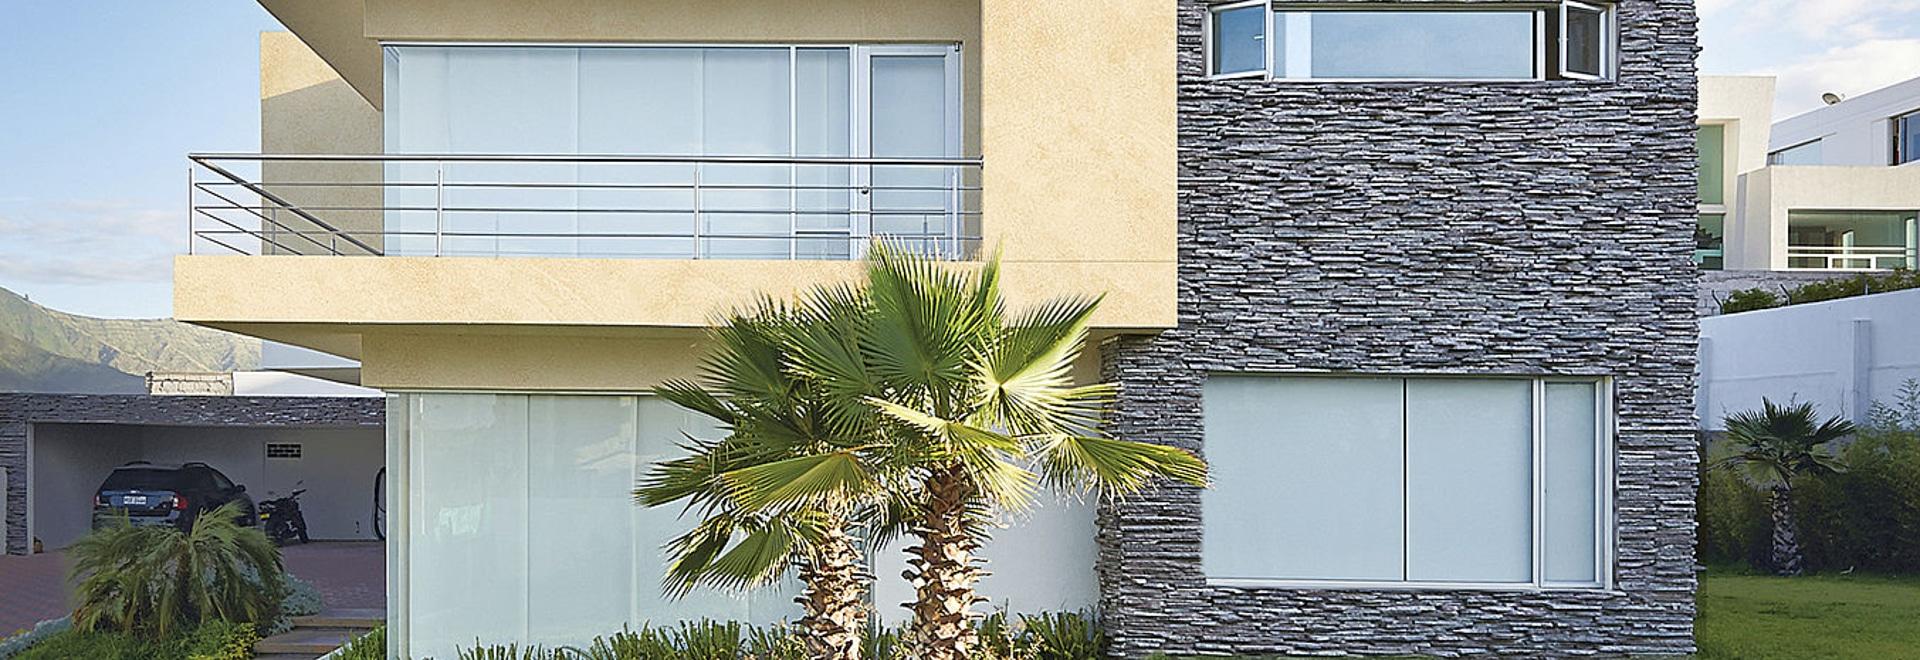 MINERALS Design - Aluminium-Verbundplatten und Blechen für Architektur im traditionellen Look